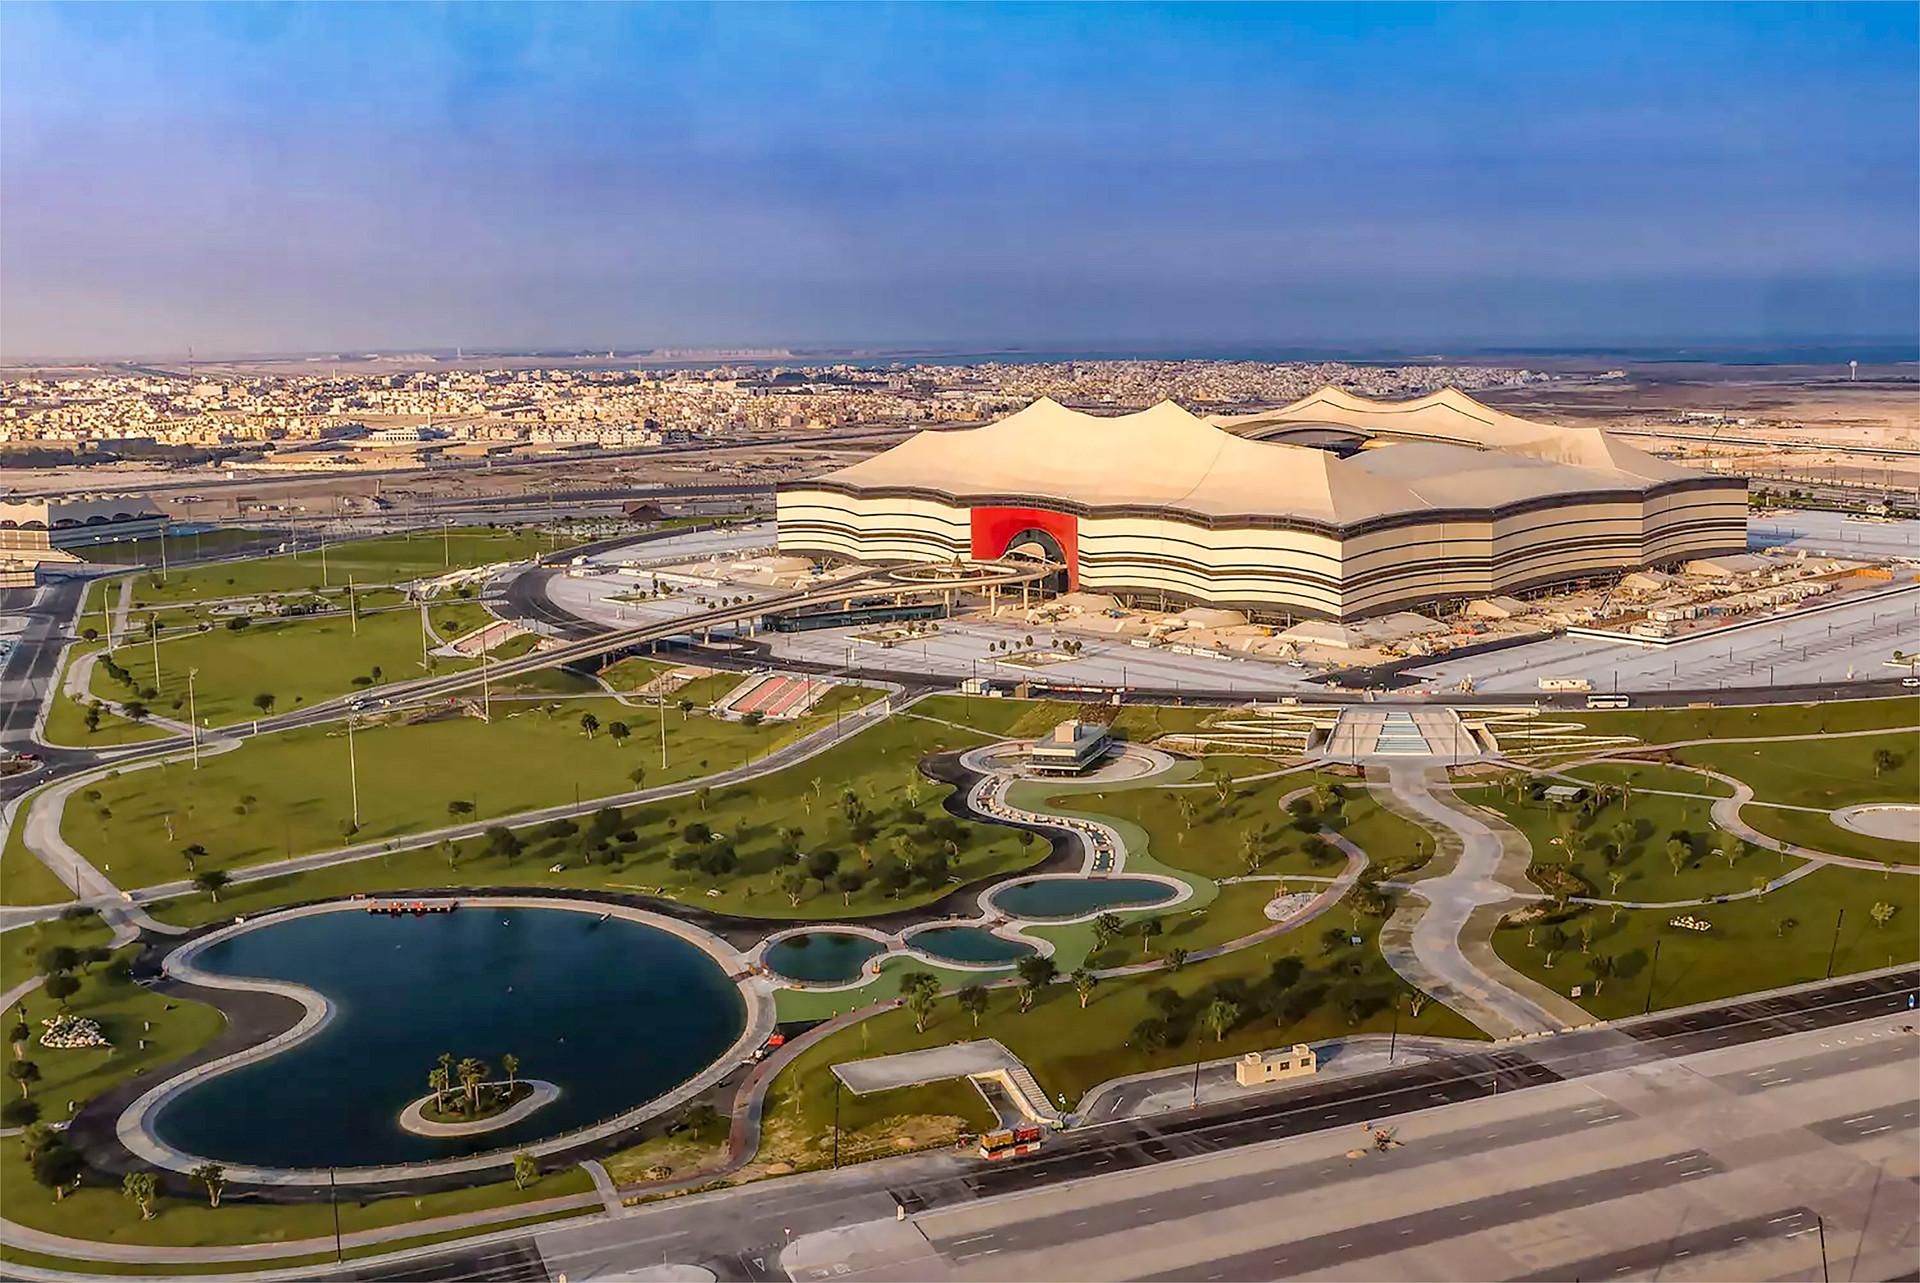 Al_Bayt_Stadium_aerial.jpg